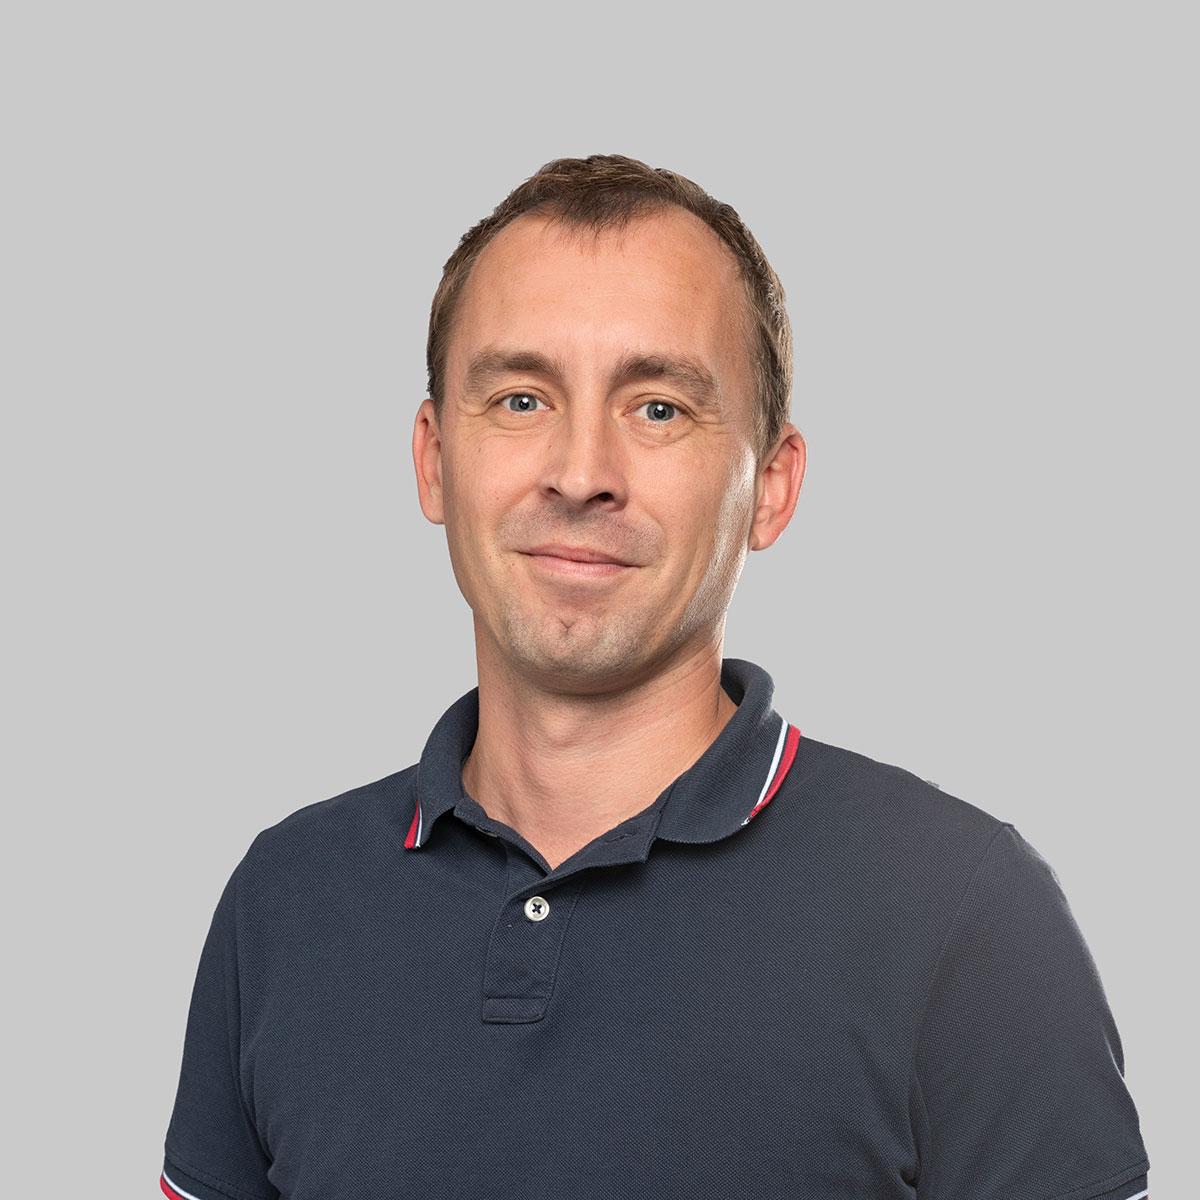 Zoltán Flekács